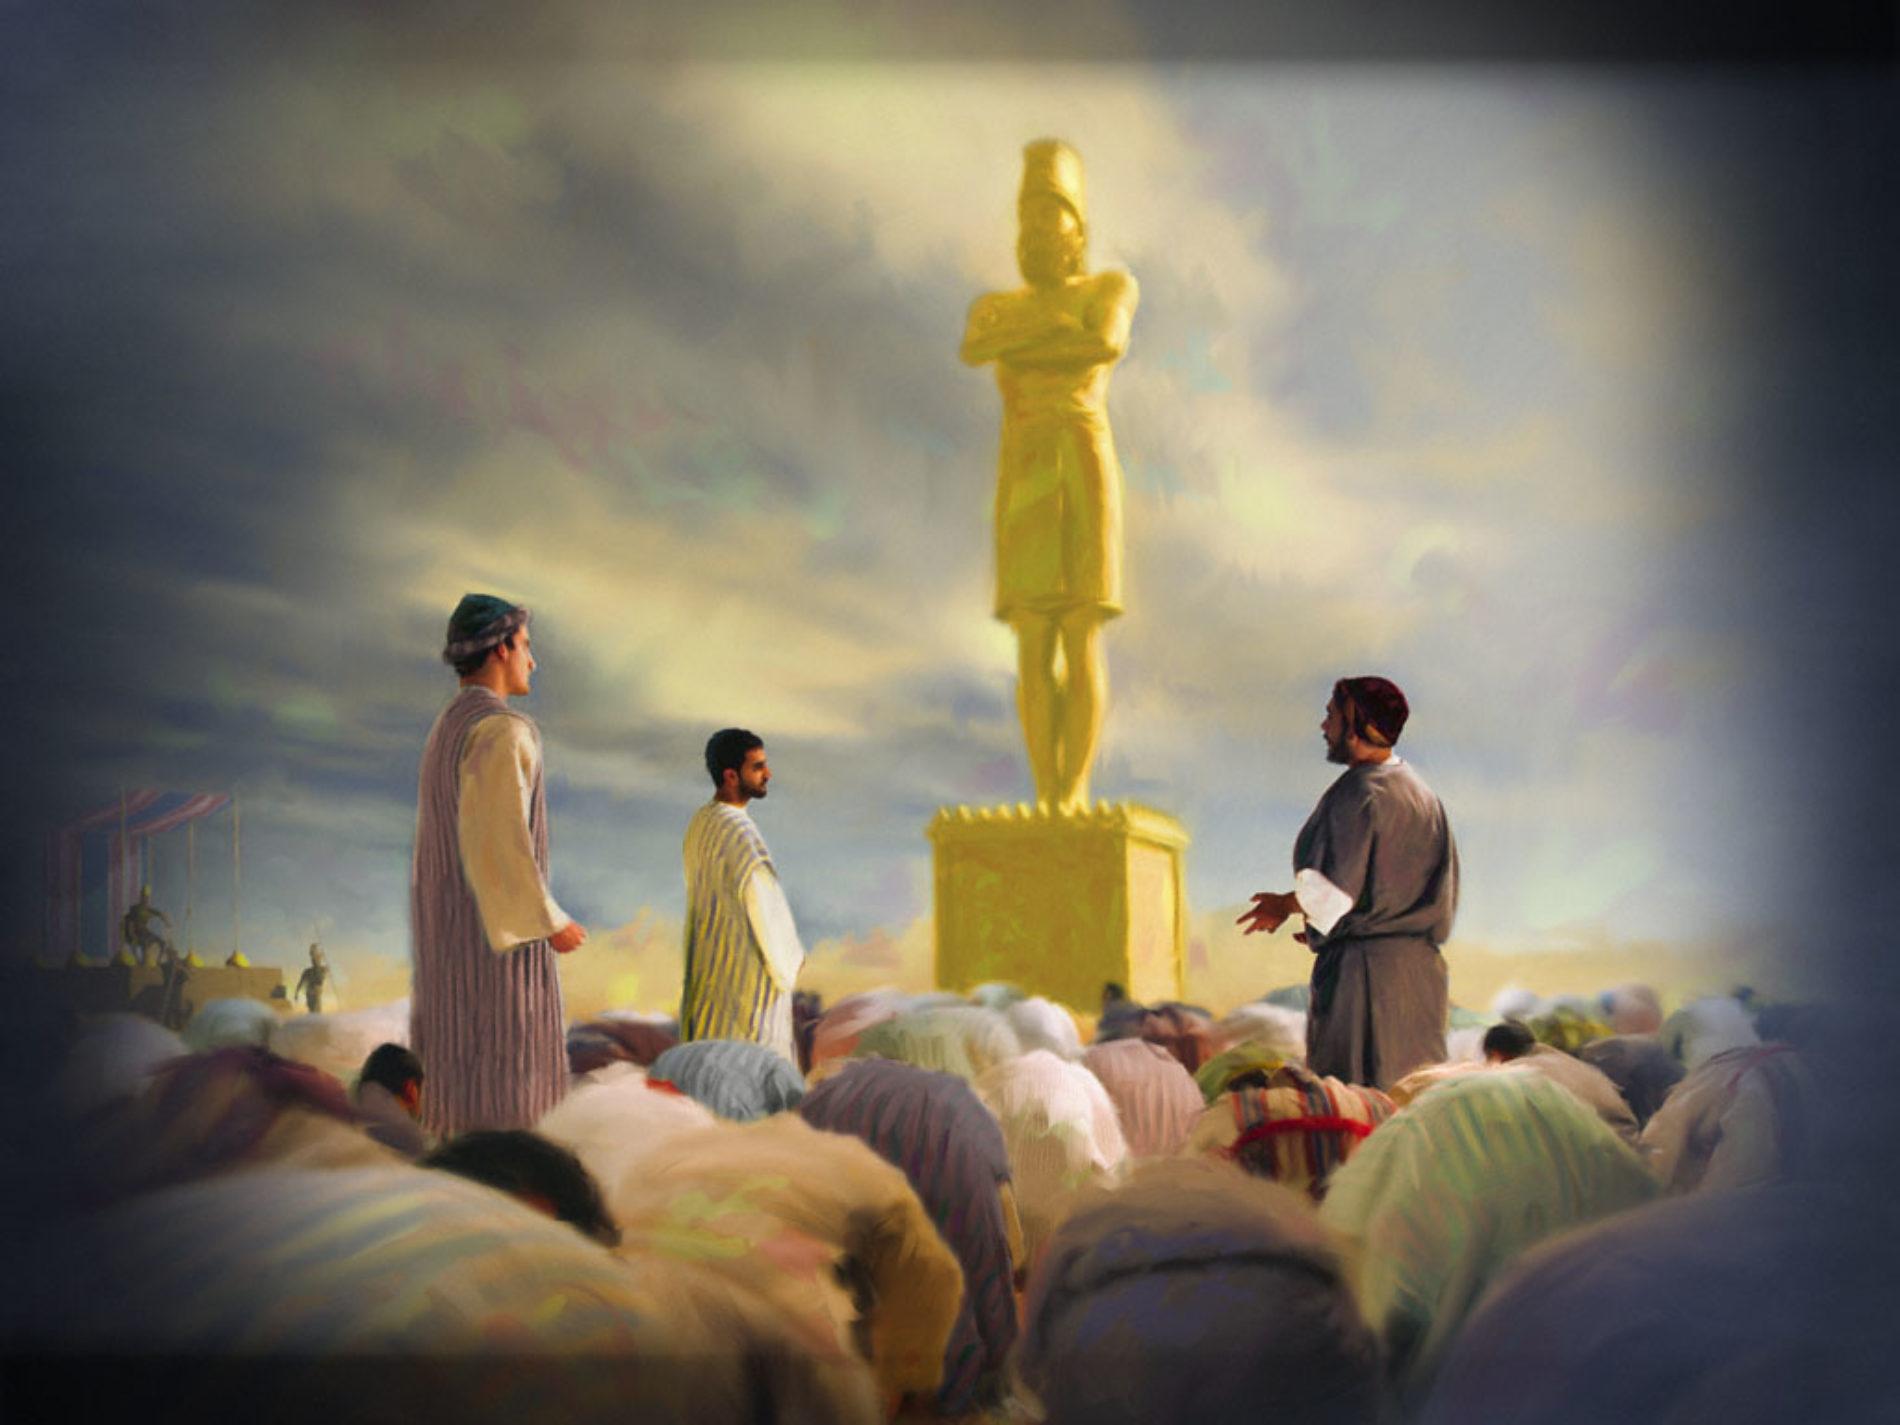 A estátua de ouro